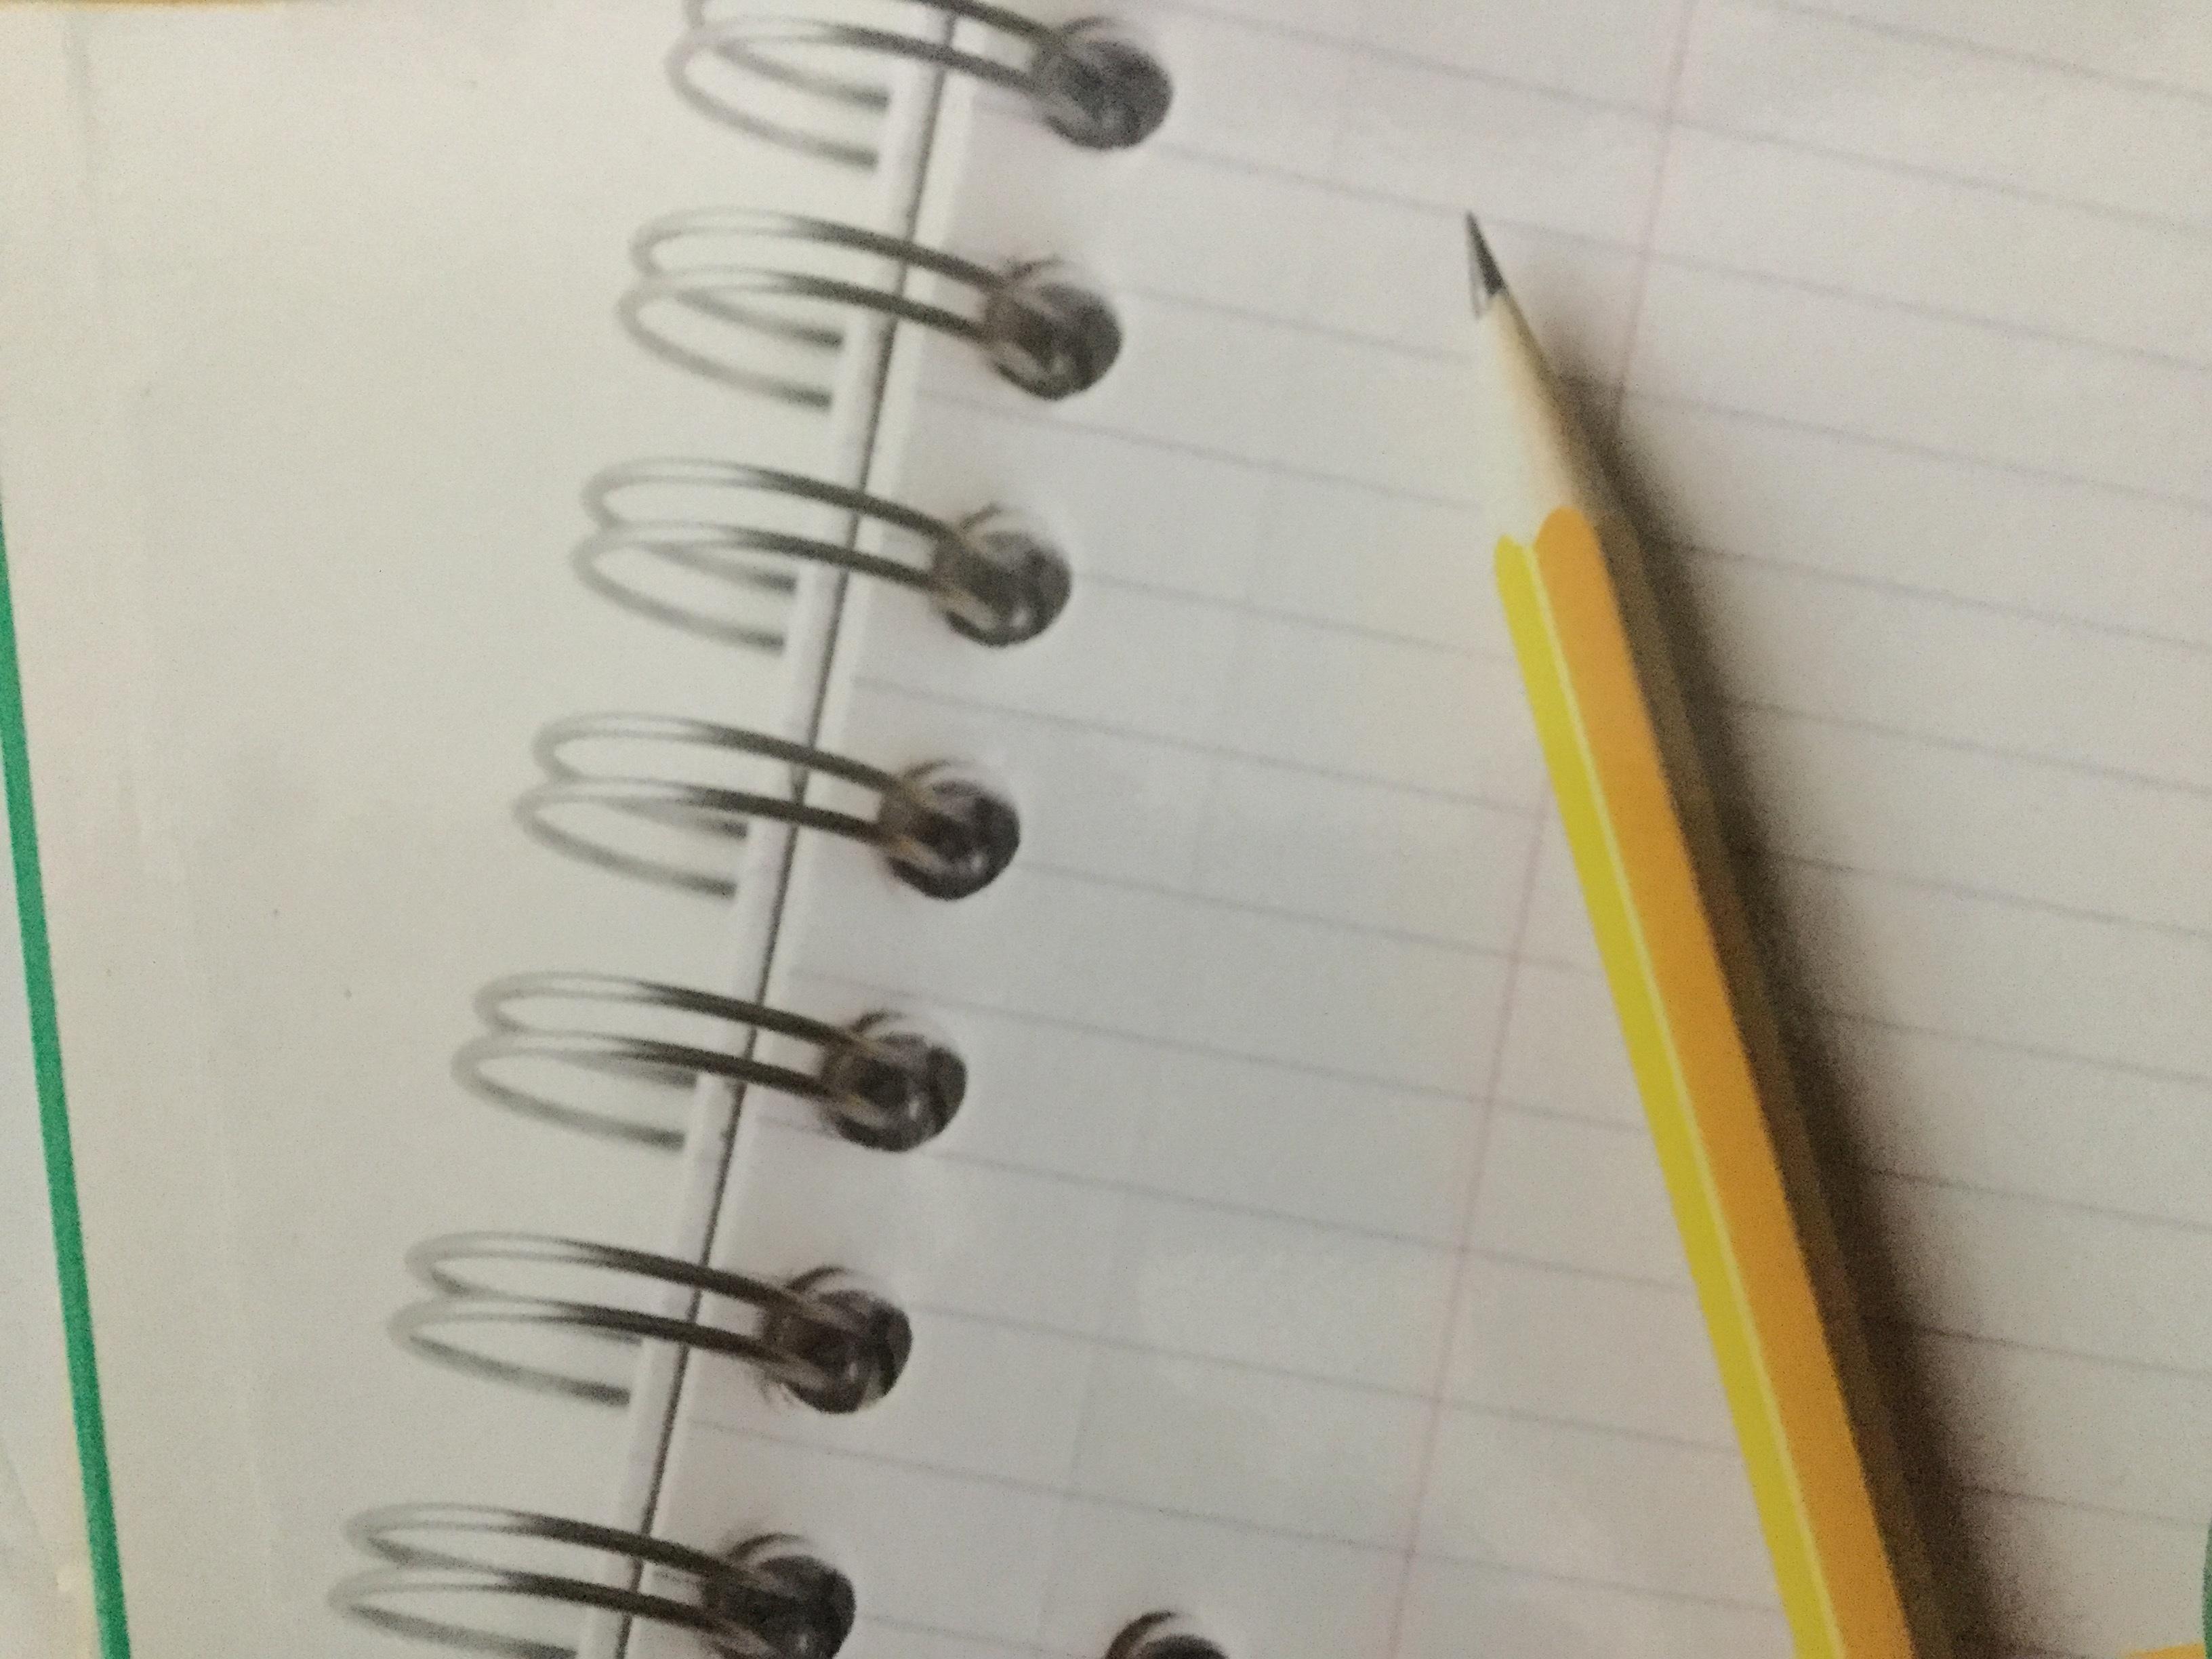 ノートと鉛筆の写真です。